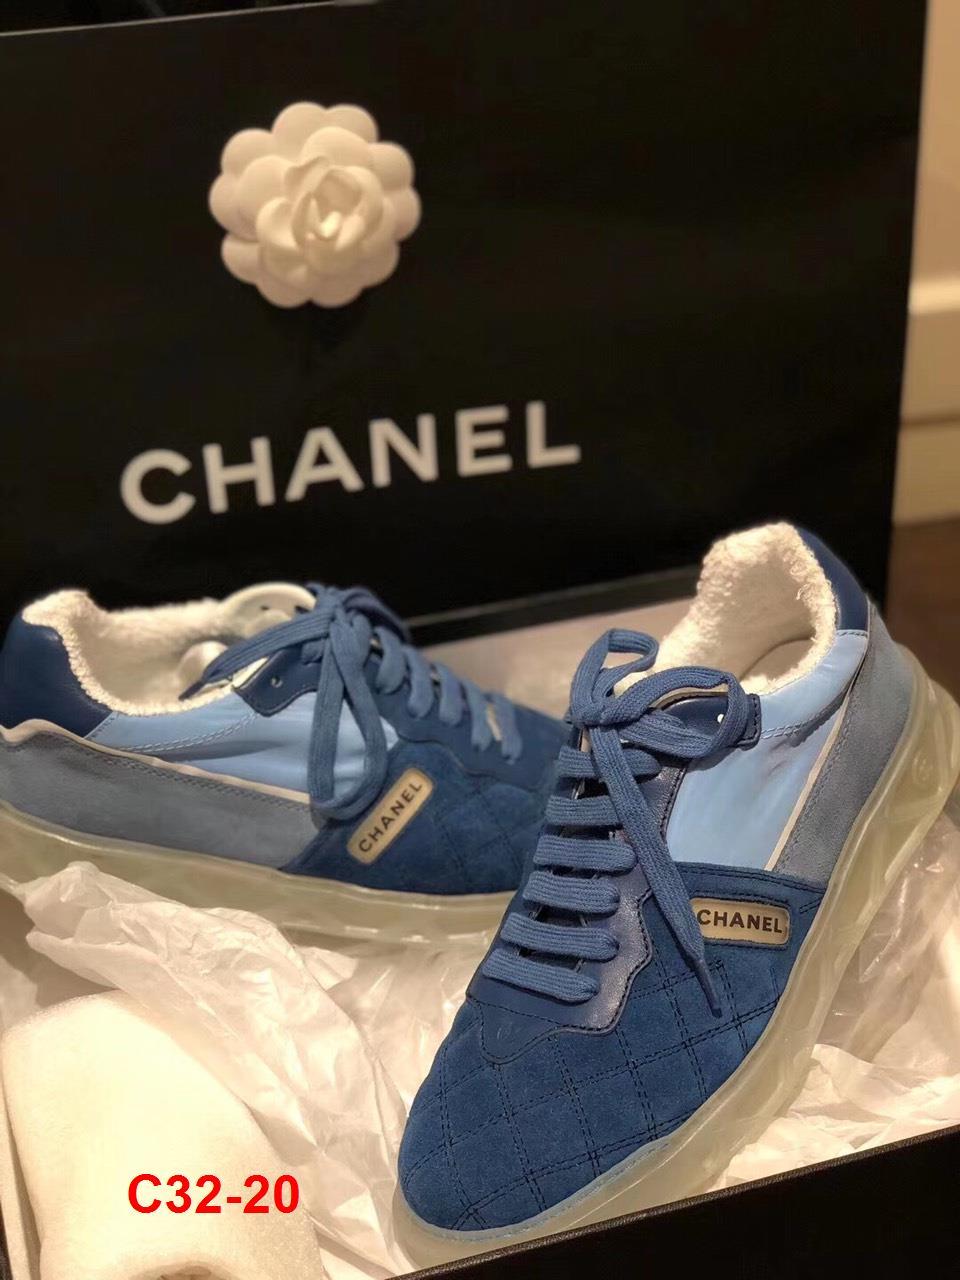 C32-20 Chanel giày thể thao siêu cấp